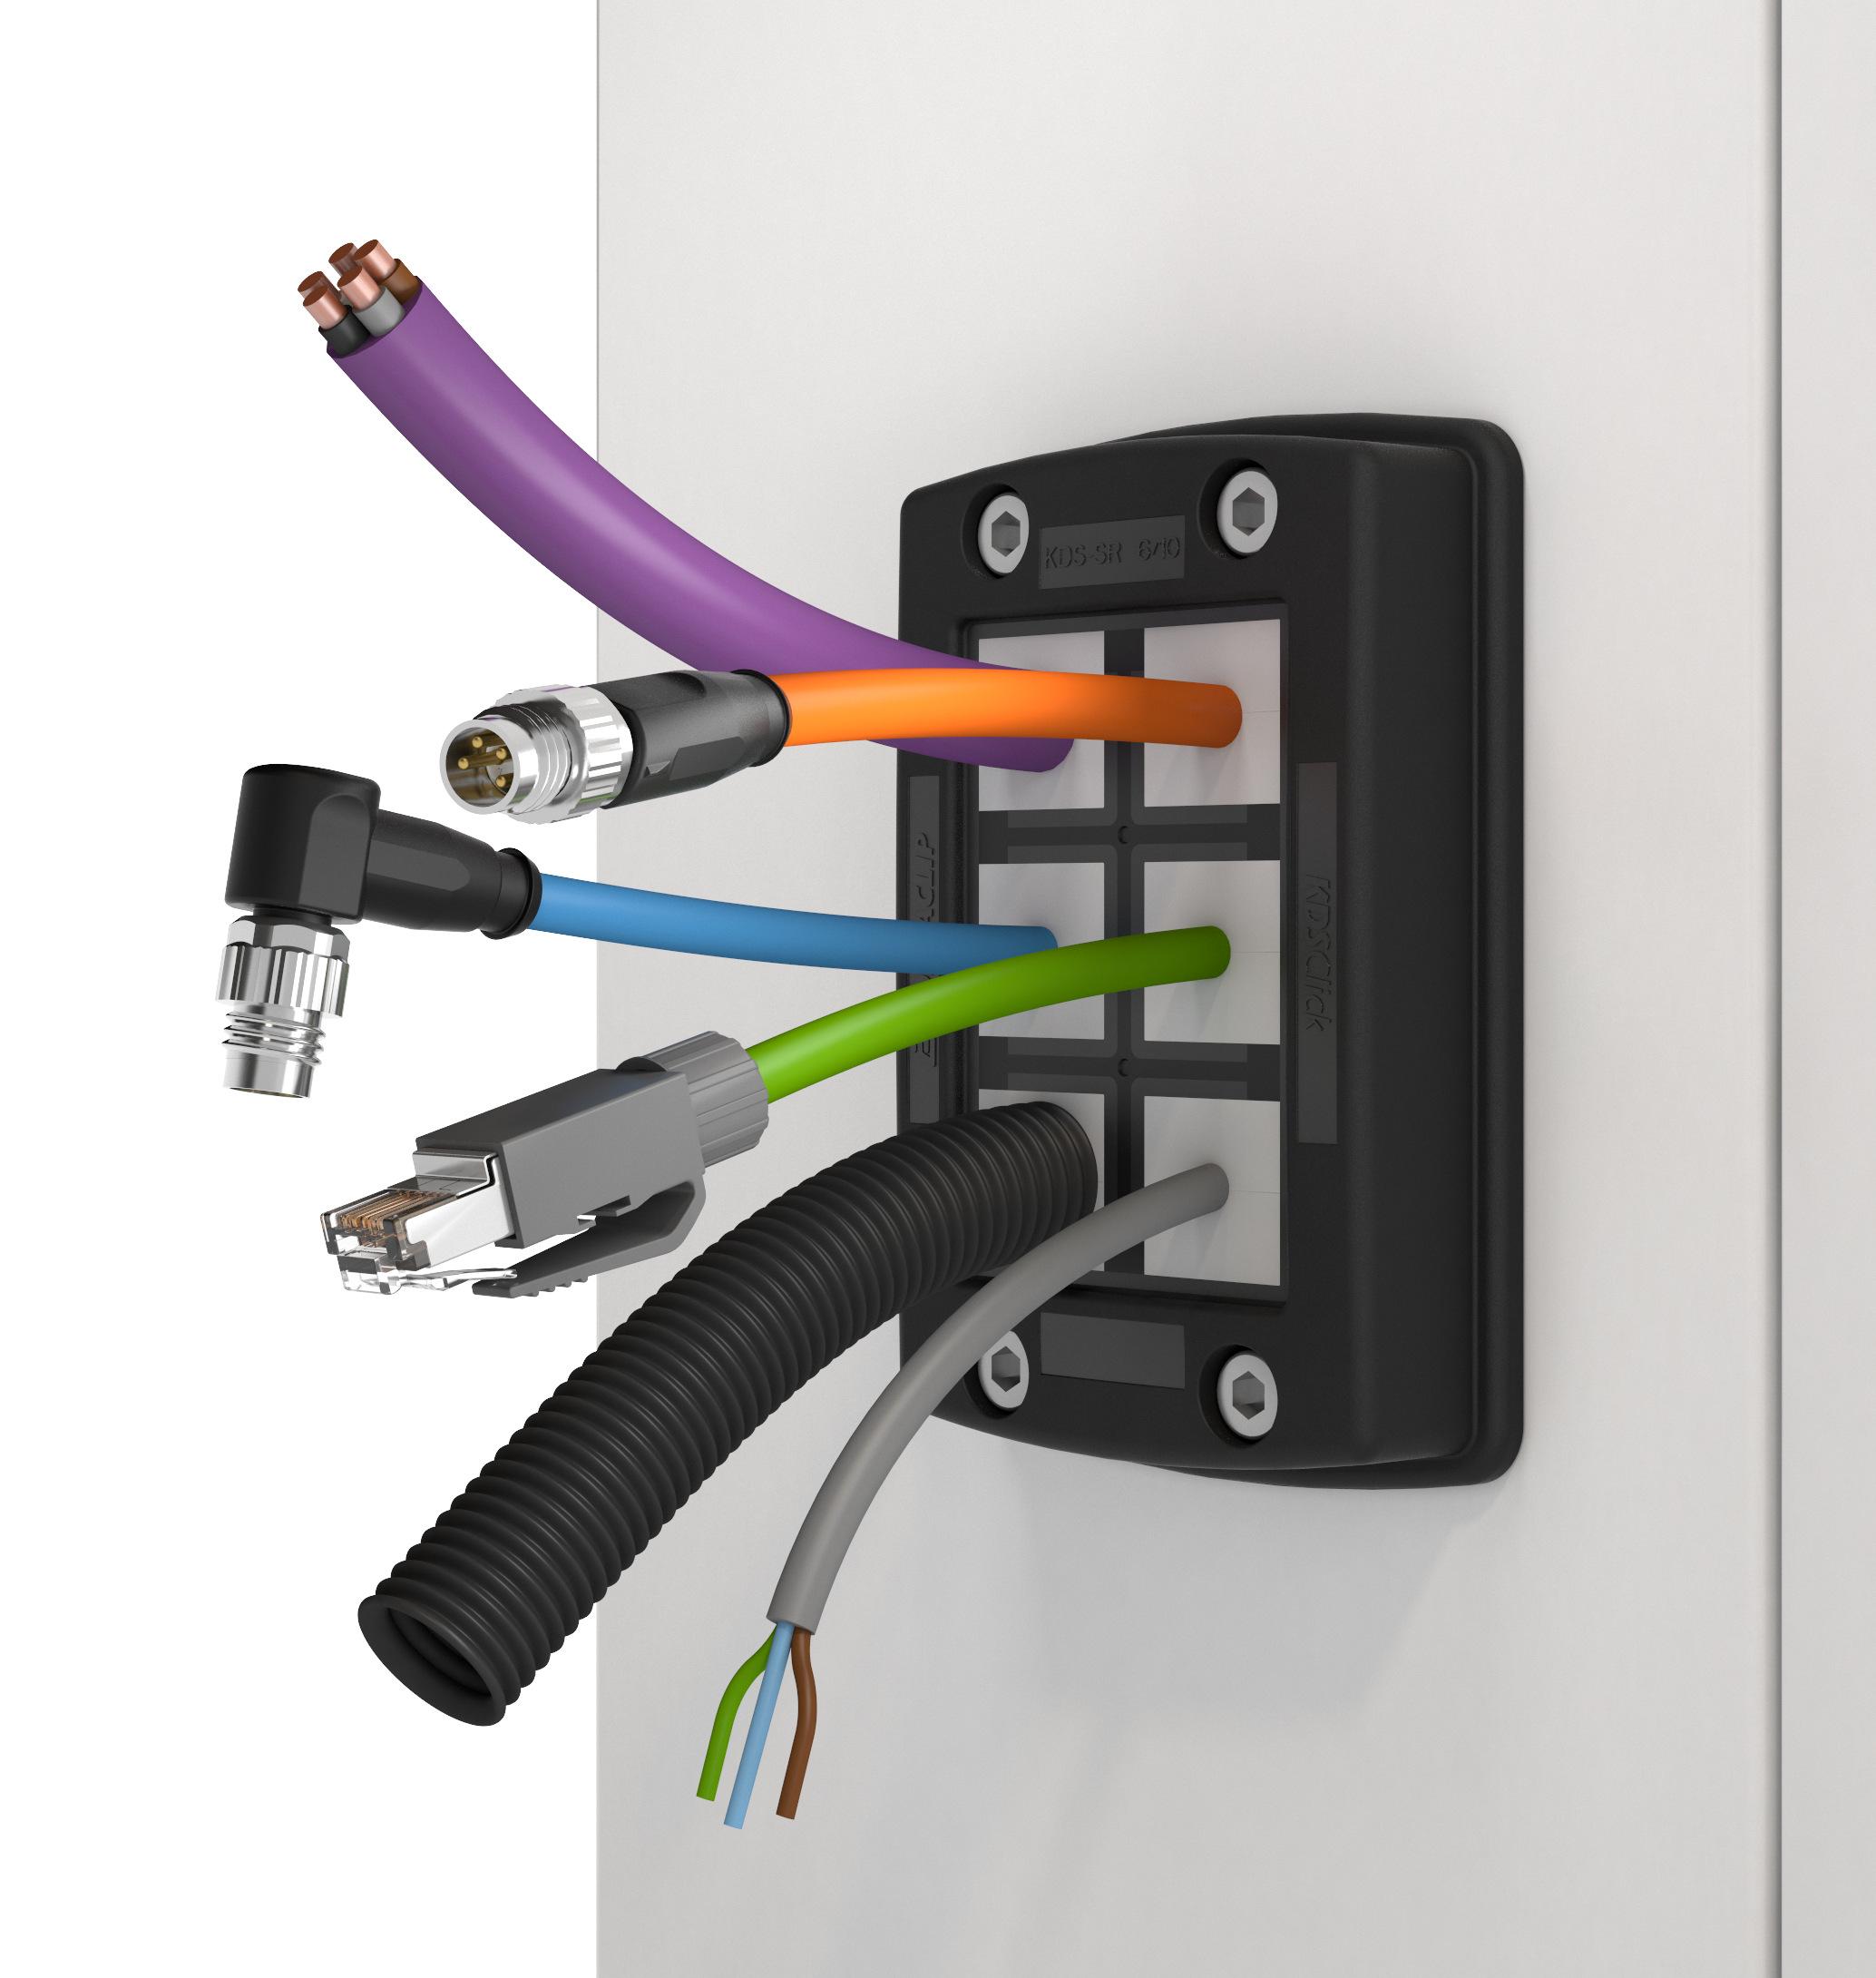 Gemütlich Reißen Blöcke Für Kabel Bilder - Die Besten Elektrischen ...